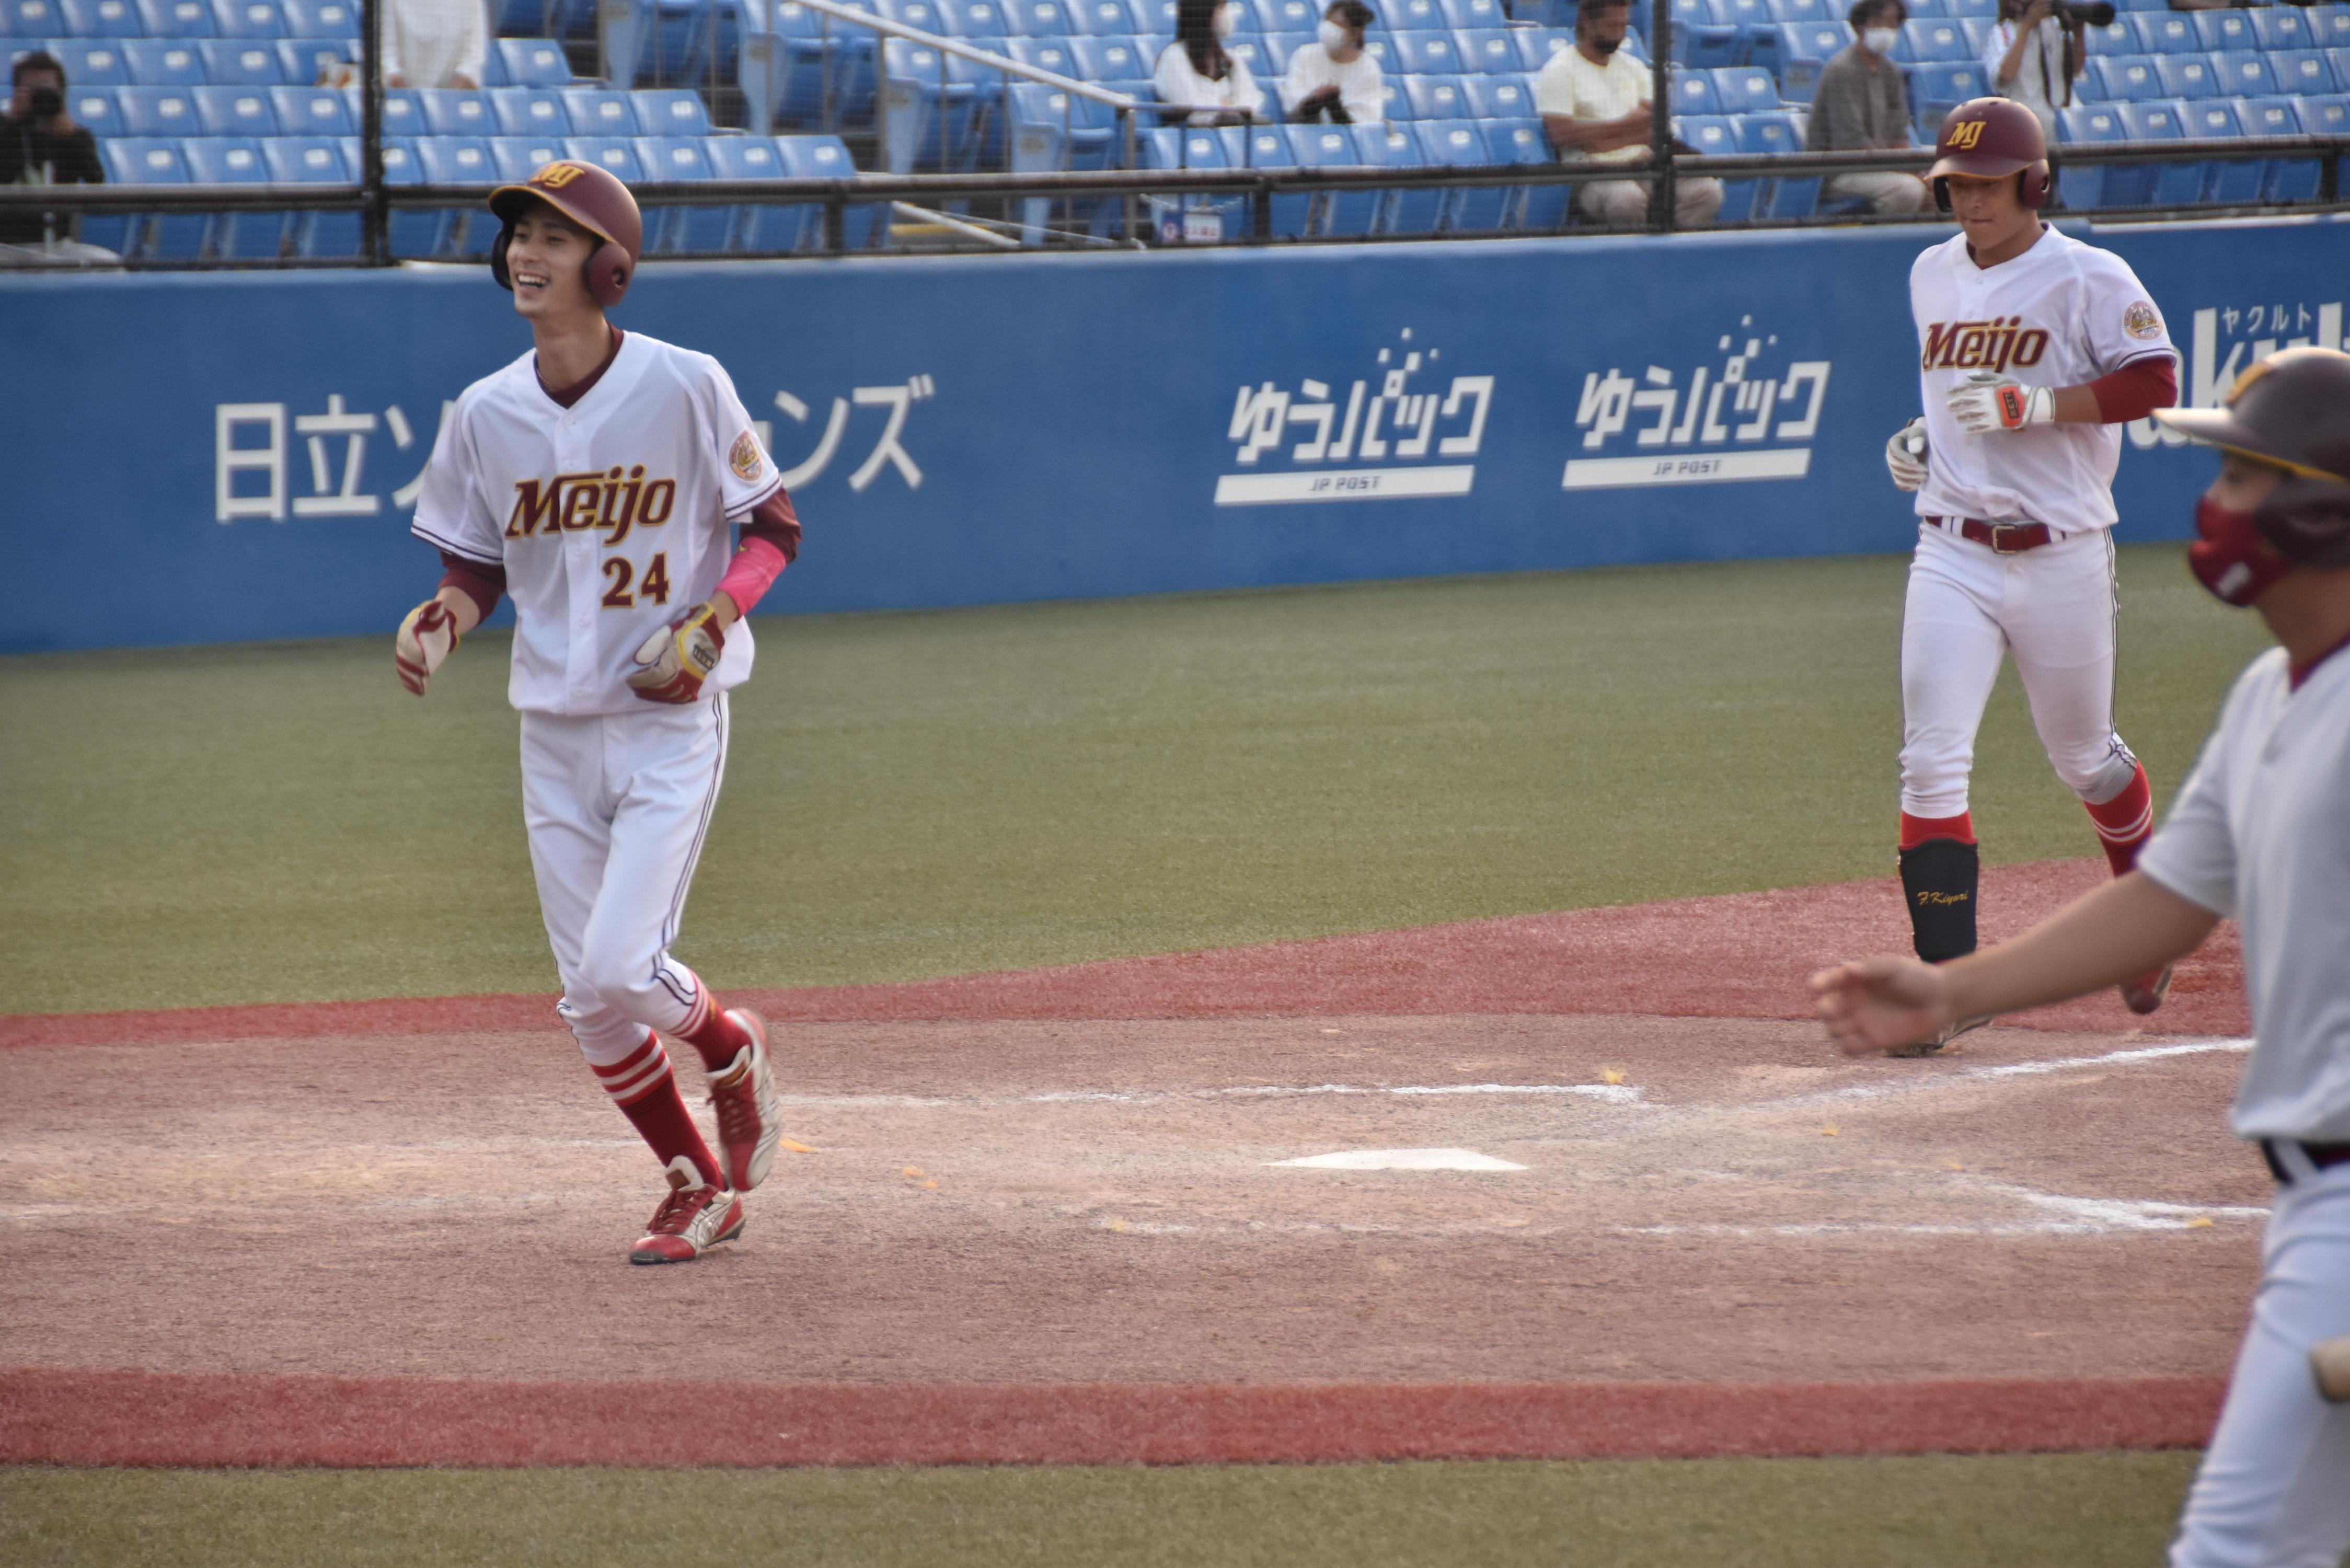 九回の追い上げ。2点本塁打を放ち、藤原連太郎選手(人間学部4年)(左、24番)に続いてホームに還る藤田希和選手(法学部3年)=東京の神宮球場で